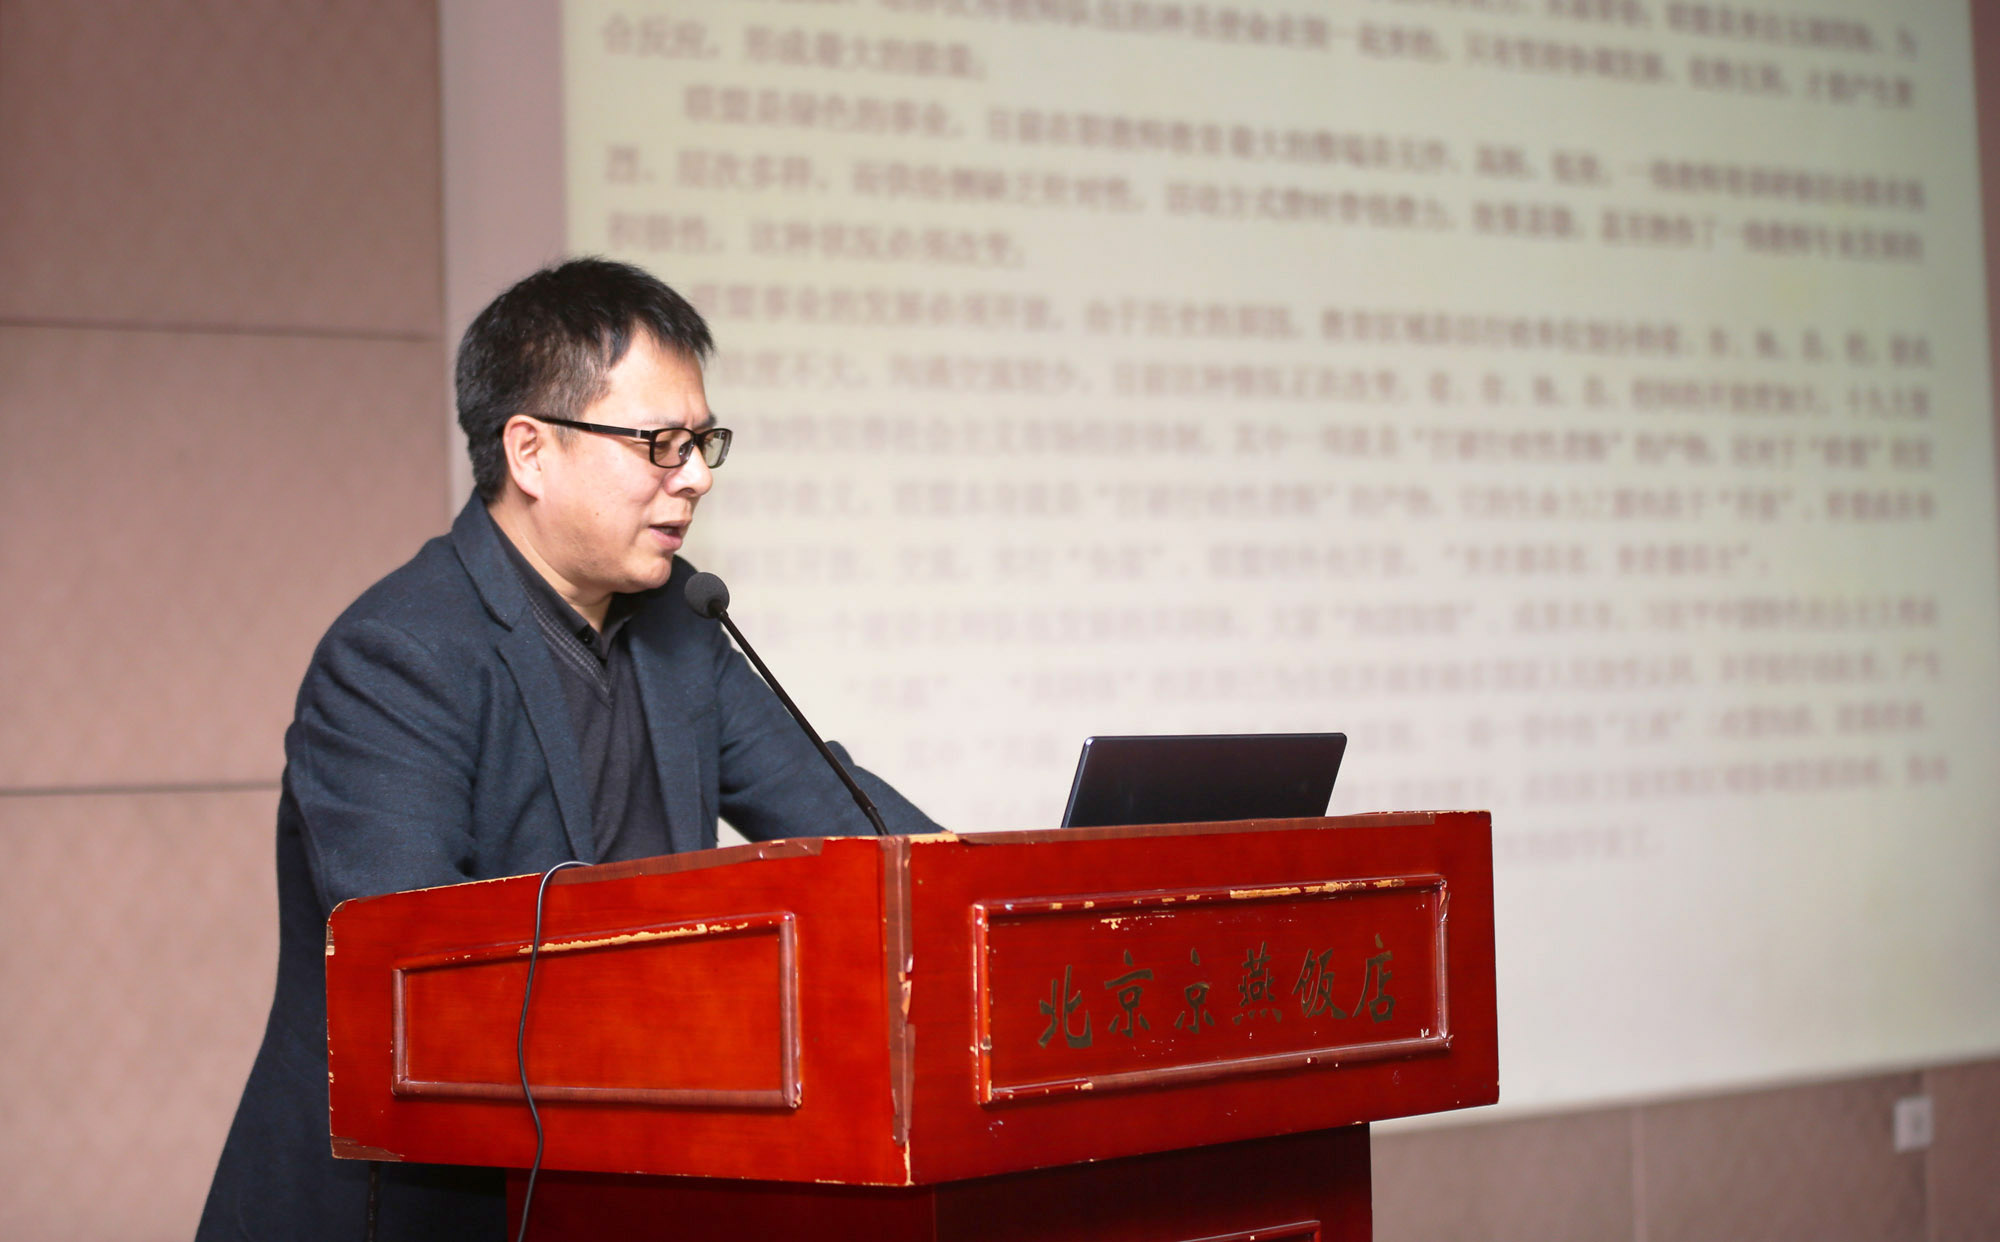 联盟理事长朱孝忠作《全国名师工作室联盟2018年度工作计划》的报告。